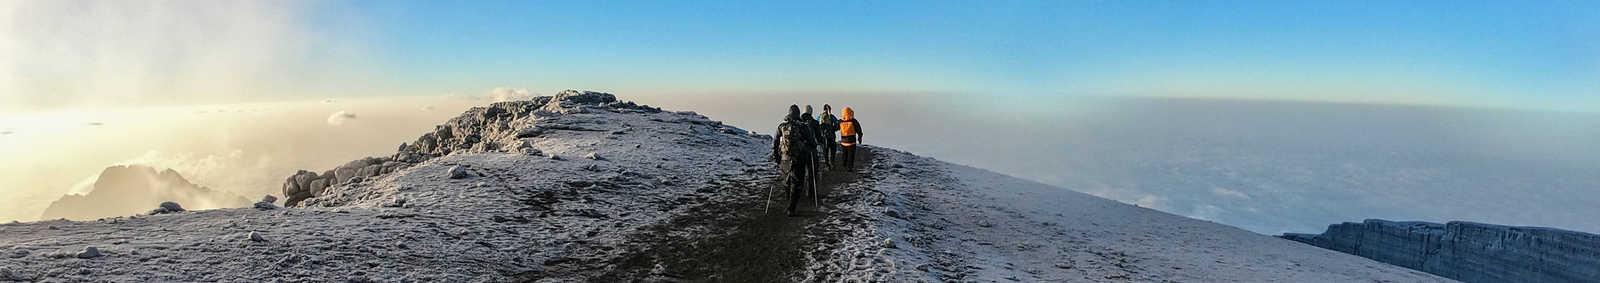 trekking group of people